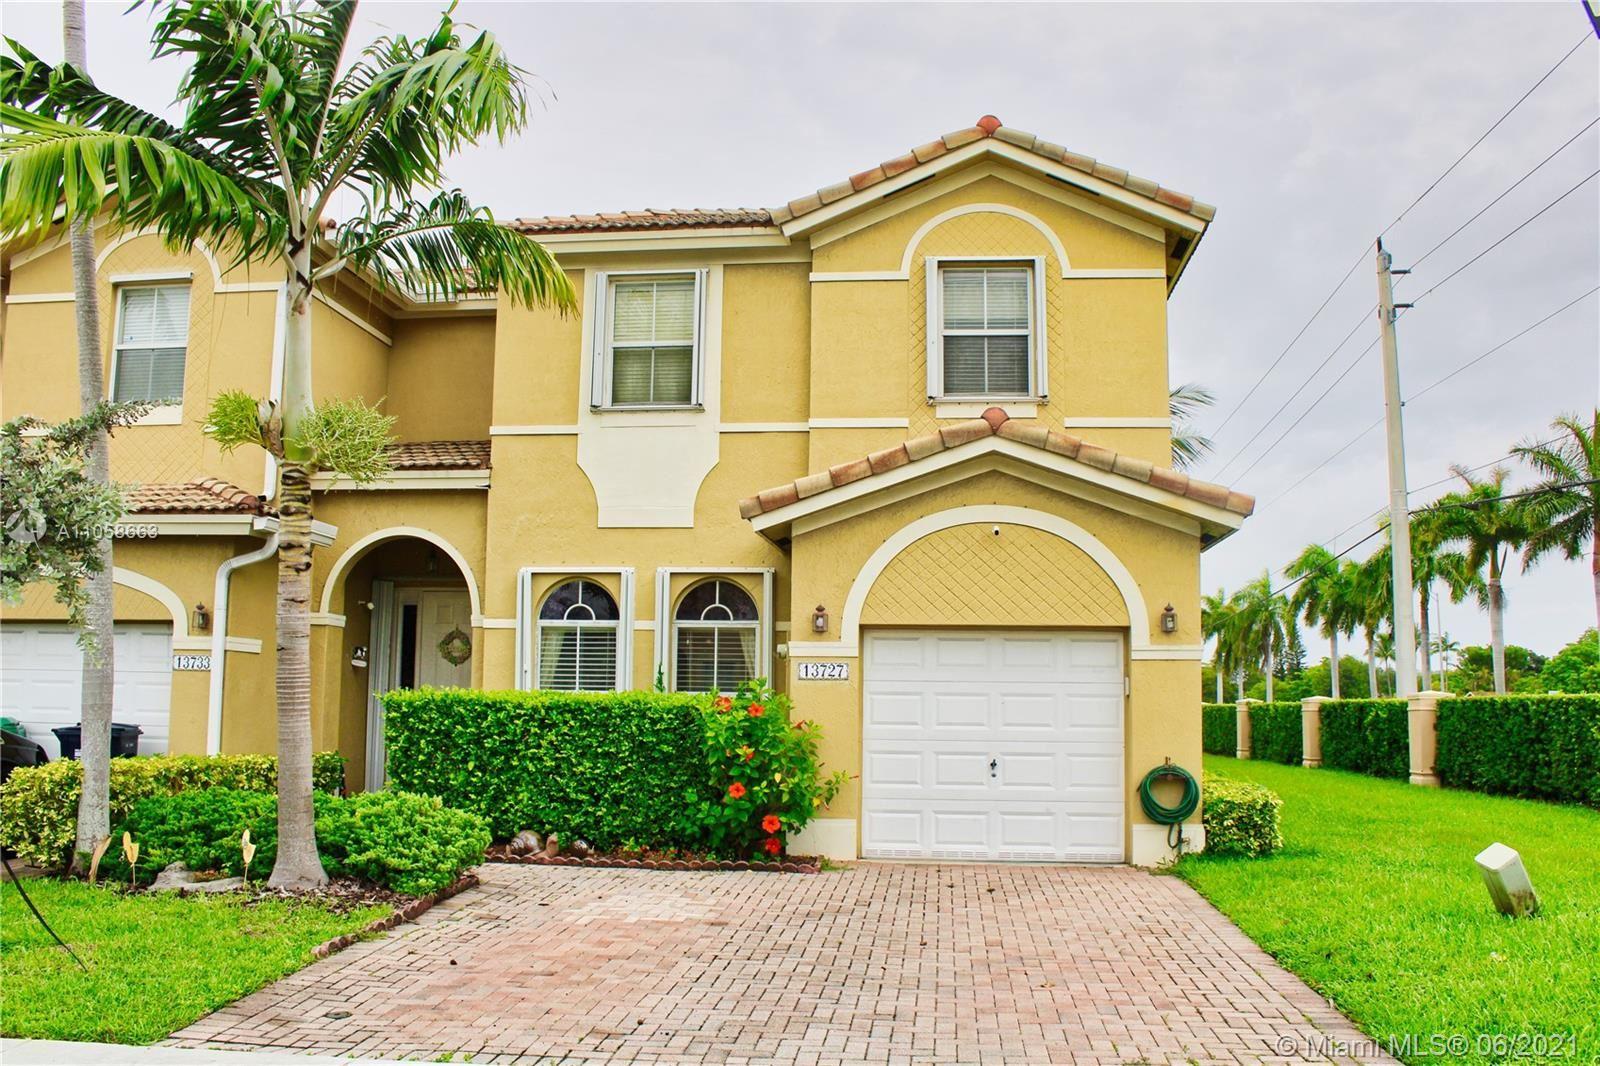 13727 SW 116th Ln, Miami, FL 33186 - #: A11058663